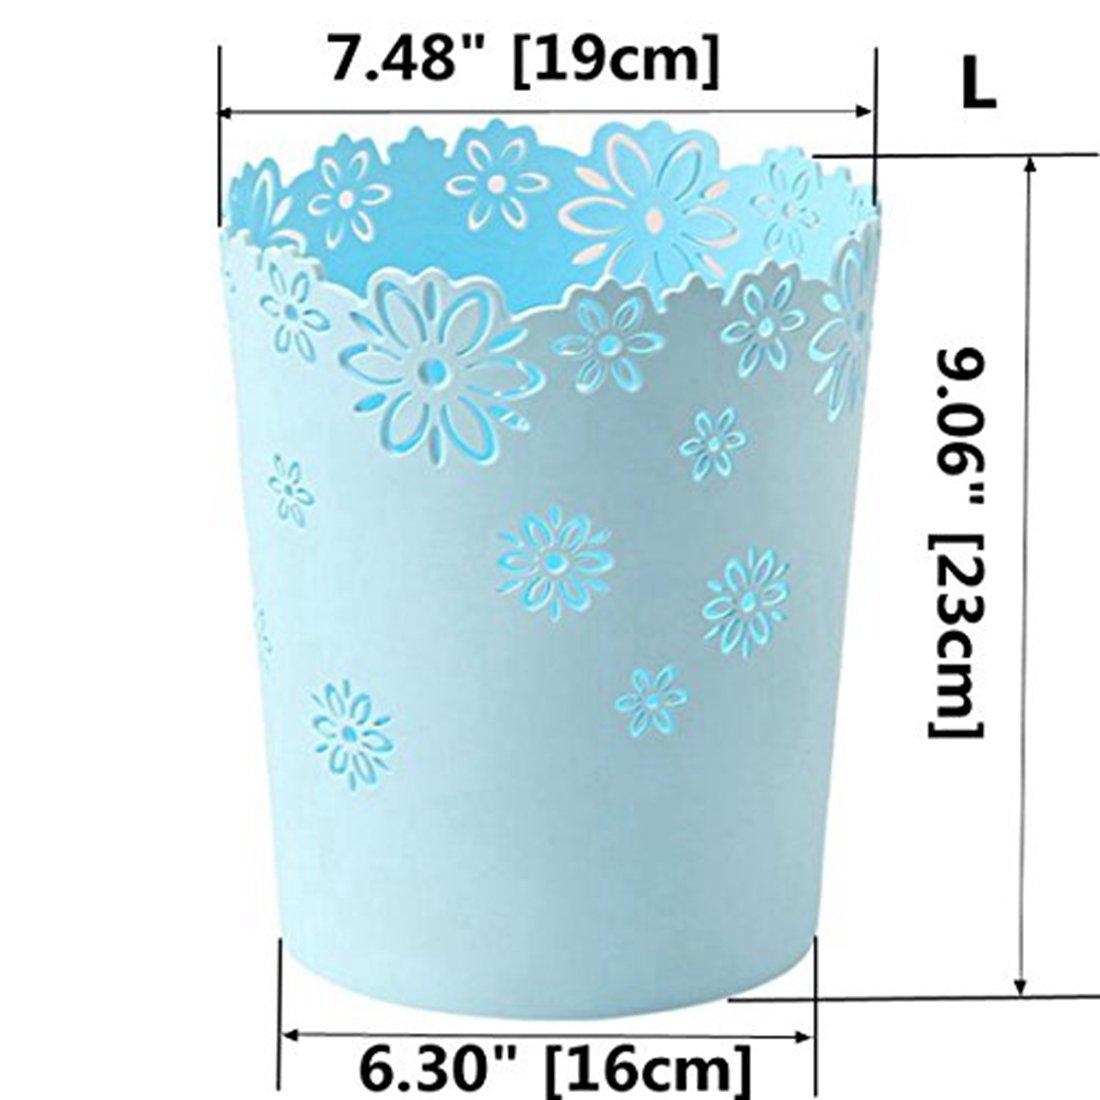 Waste Paper Baskets, XSHION Trash Can Garbage Bin Plastic without Lid for Bedroom /Kitchen /Bathroom /Office /Desktop (Blue 1 Pack Large)